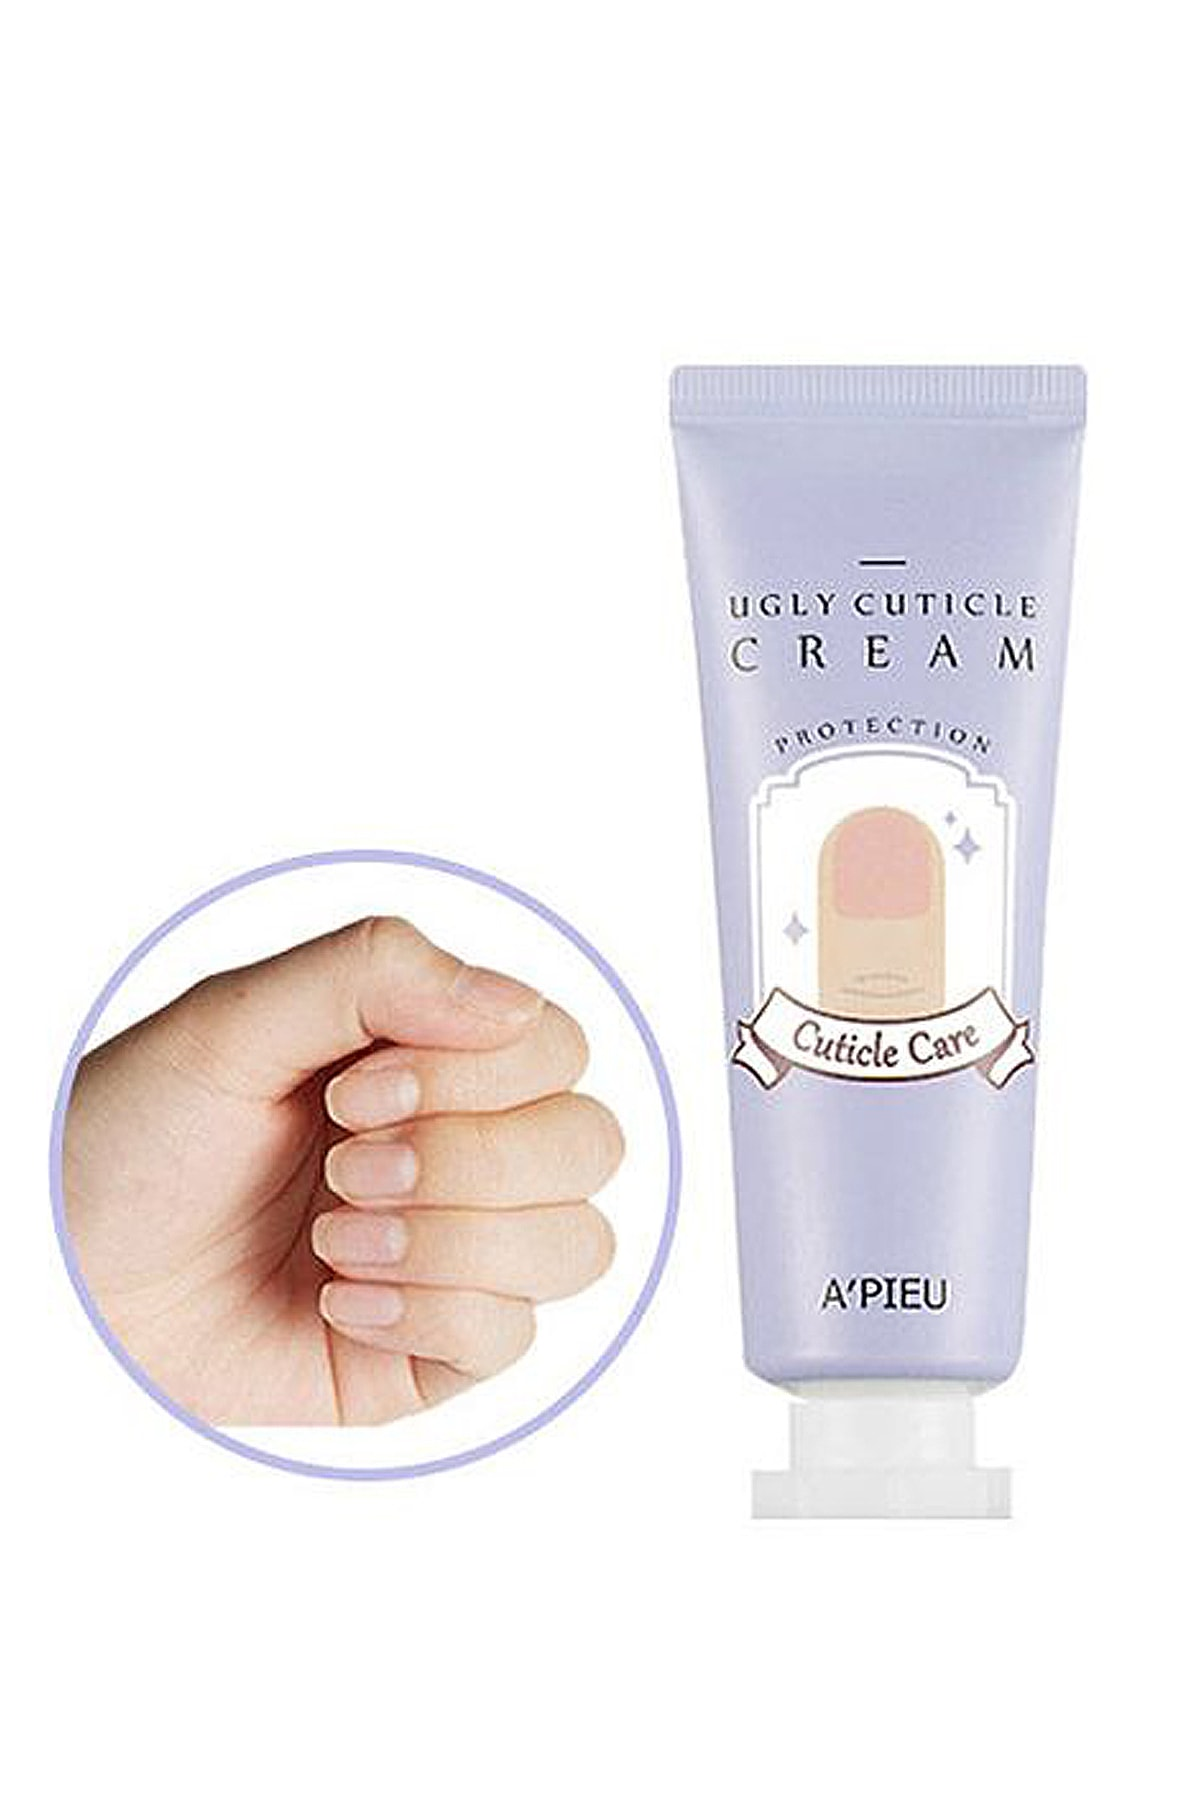 Missha Yıpranmış Ve Kurumuş Tırnak Dipleri İçin Bakım Kremi 10ml APIEU Ugly Cuticle Cream